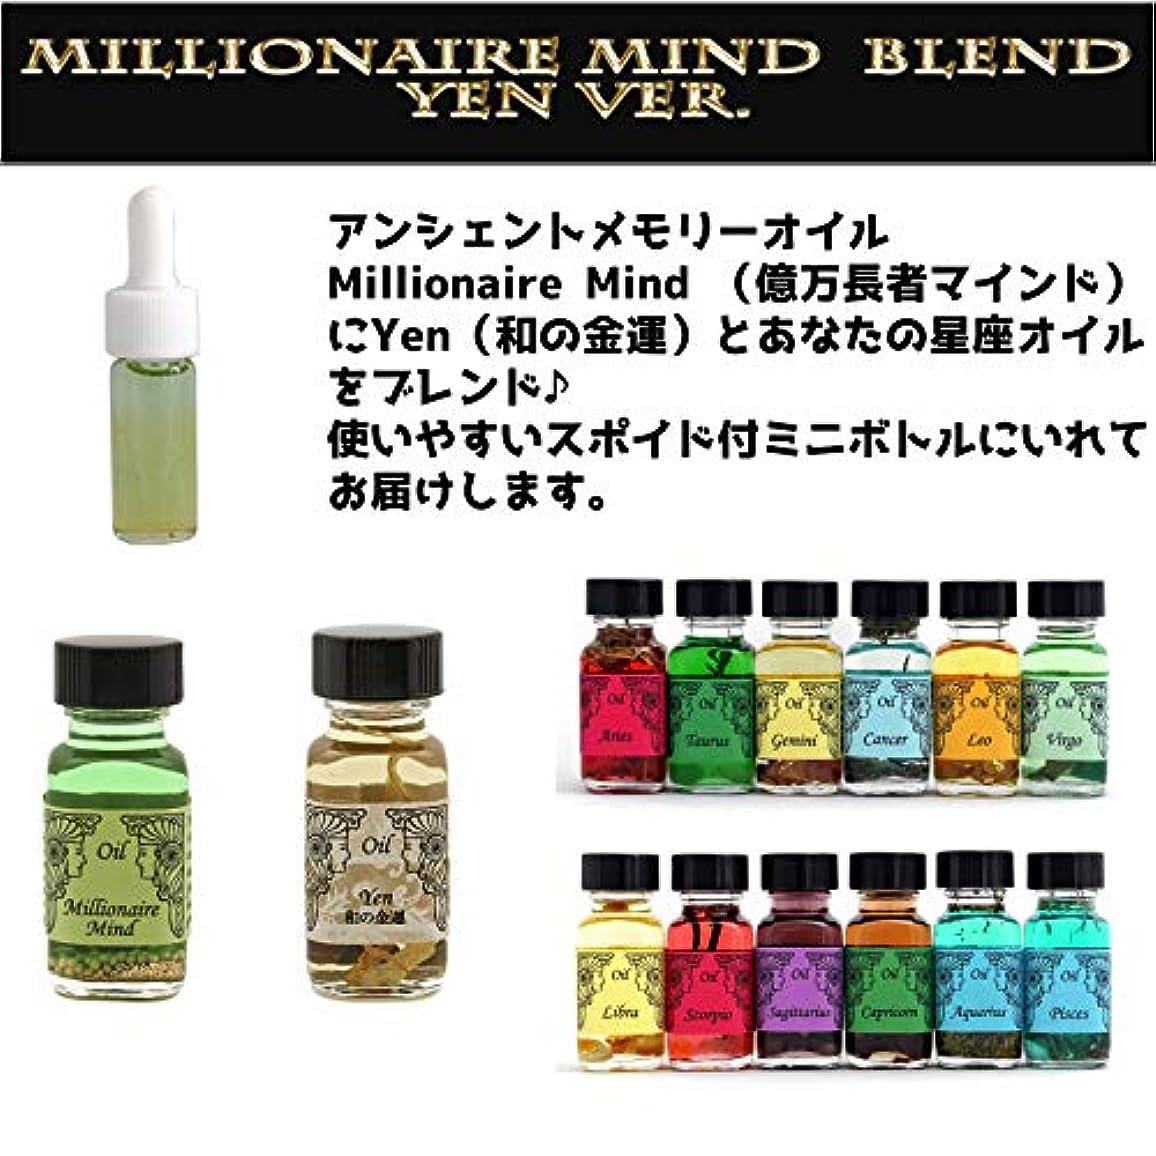 ハッピーアパート彼らはアンシェントメモリーオイル Millionaire Mind 億万長者マインド ブレンド【Yen 和の金運&かに座】